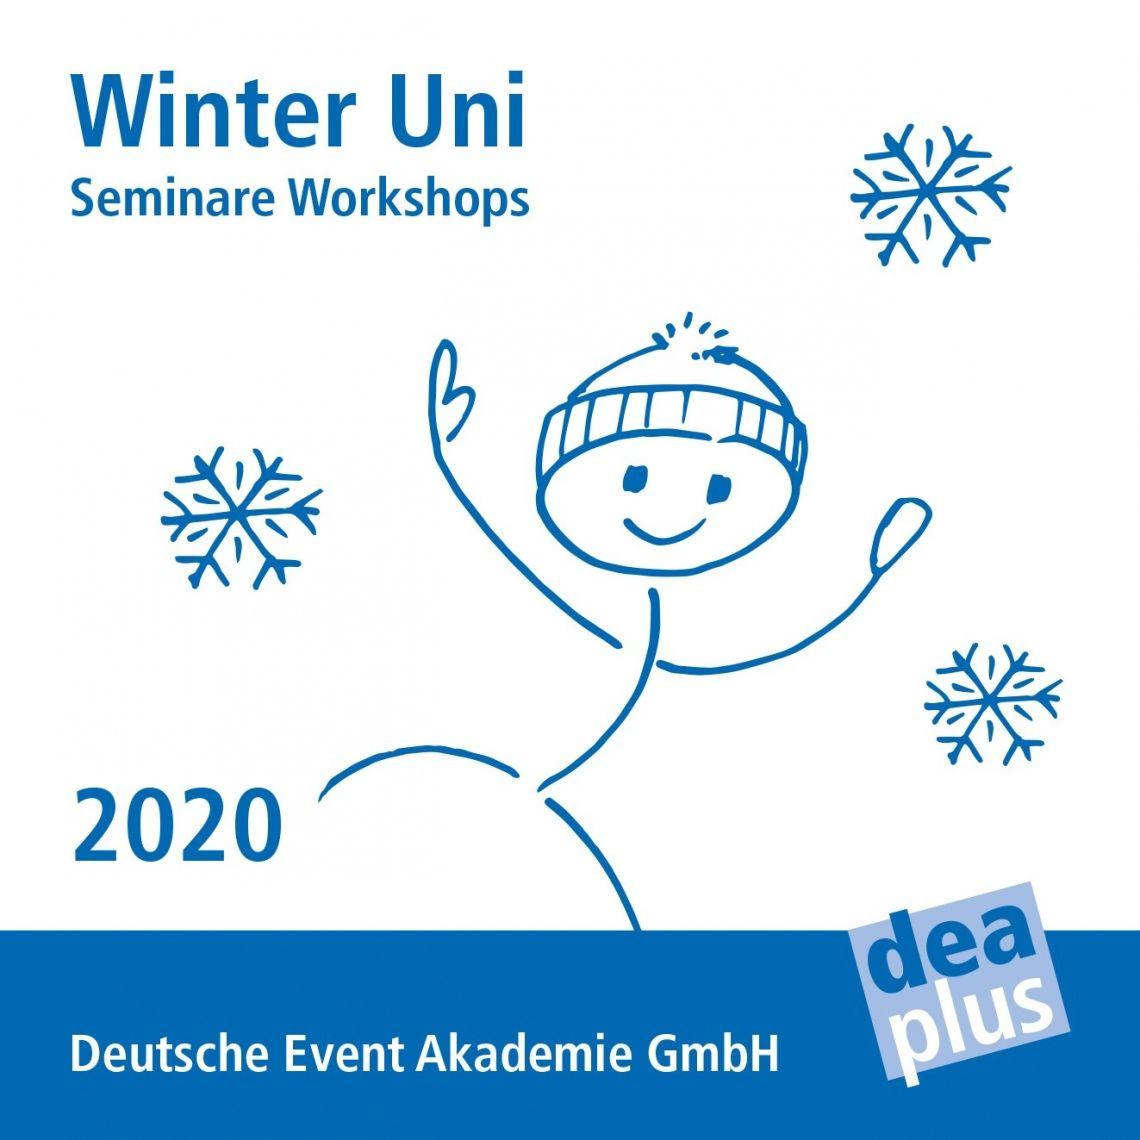 DEAplus proudly presents: Winter Uni 2020